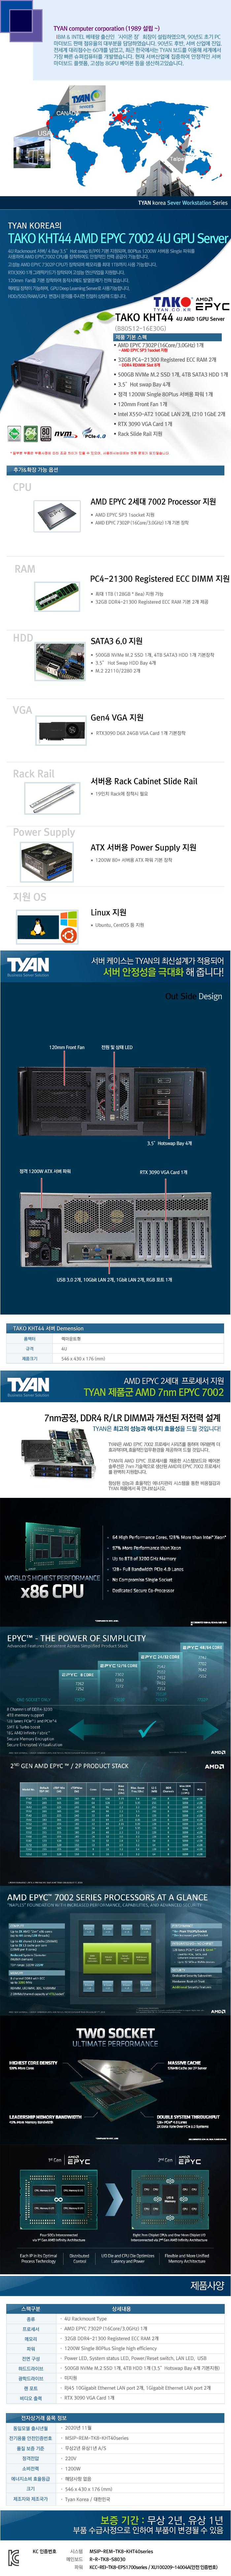 TYAN TAKO-KHT44-(B80S12-16E30G) 1GPU (32GB, M2 500GB + 4TB)